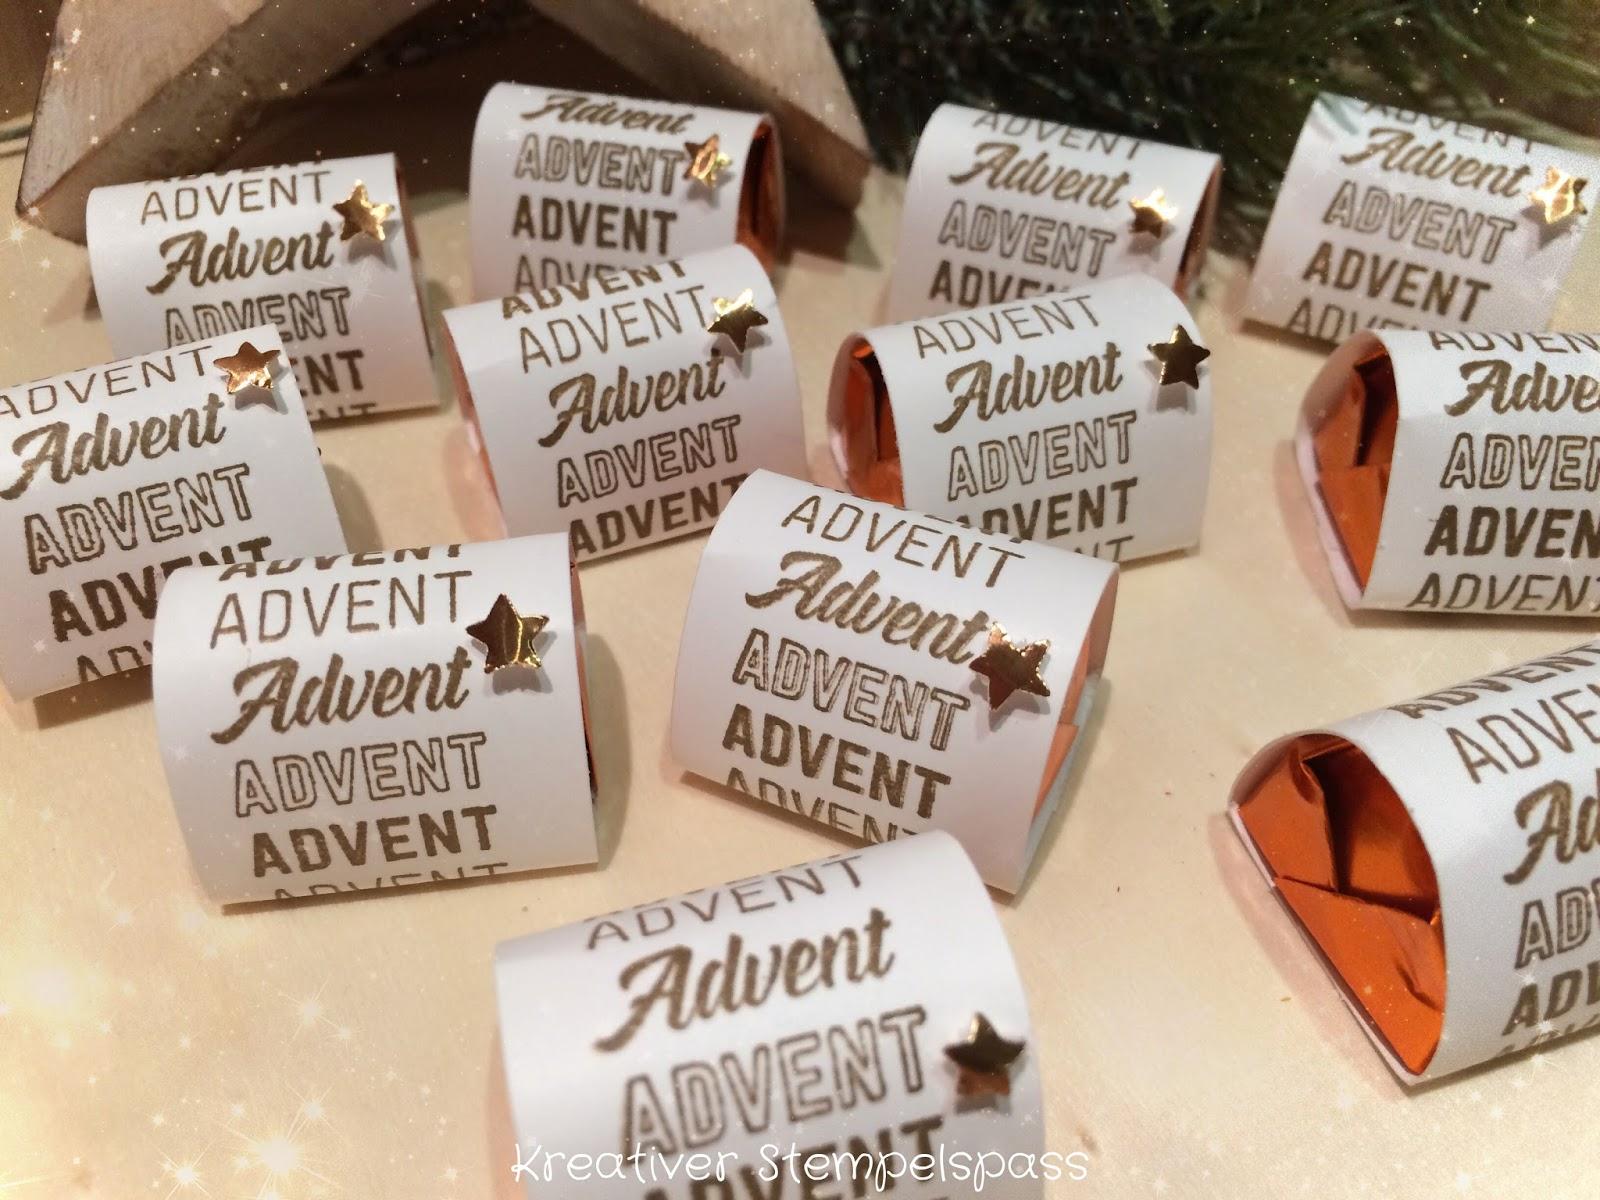 Die kleine Nascherei man bekanntlich guten Freunden schenkt 😉 lässt sich wunderbar mit dem Advent Schriftzug verpacken